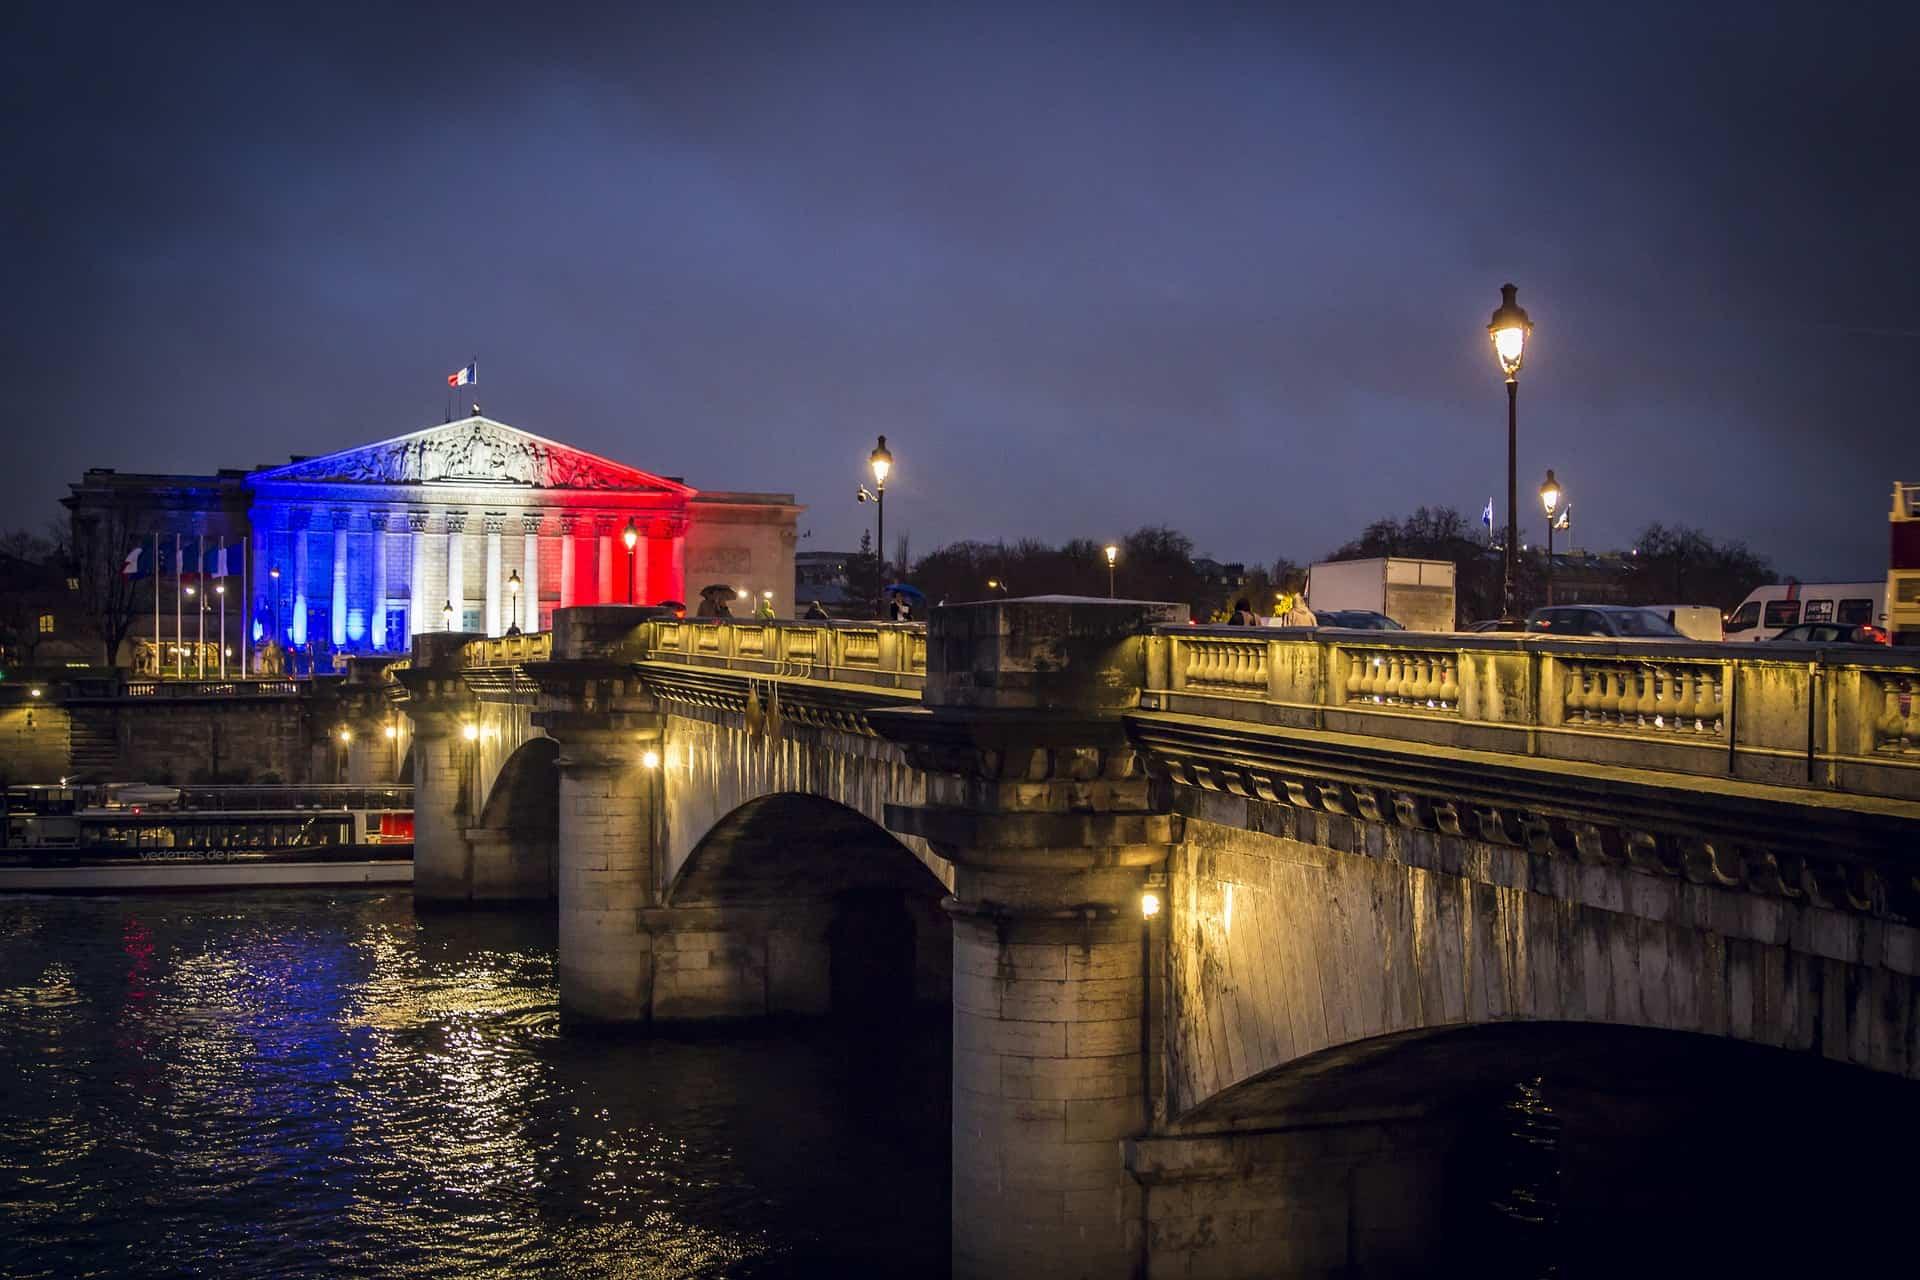 Flagge_Frankreich_Farben_Paris_Nacht_Brücke